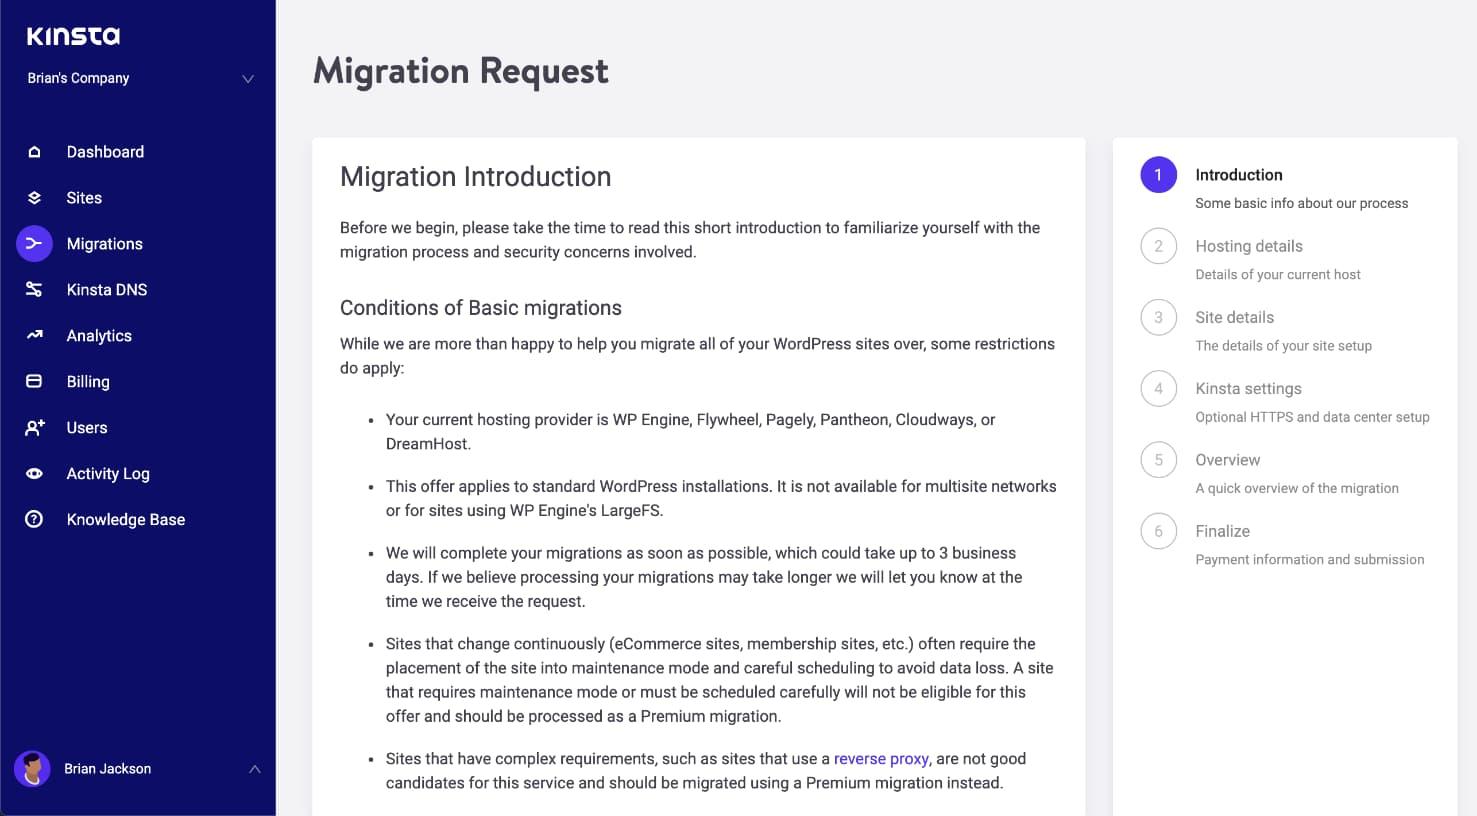 Grundlæggende migrationsintroduktion